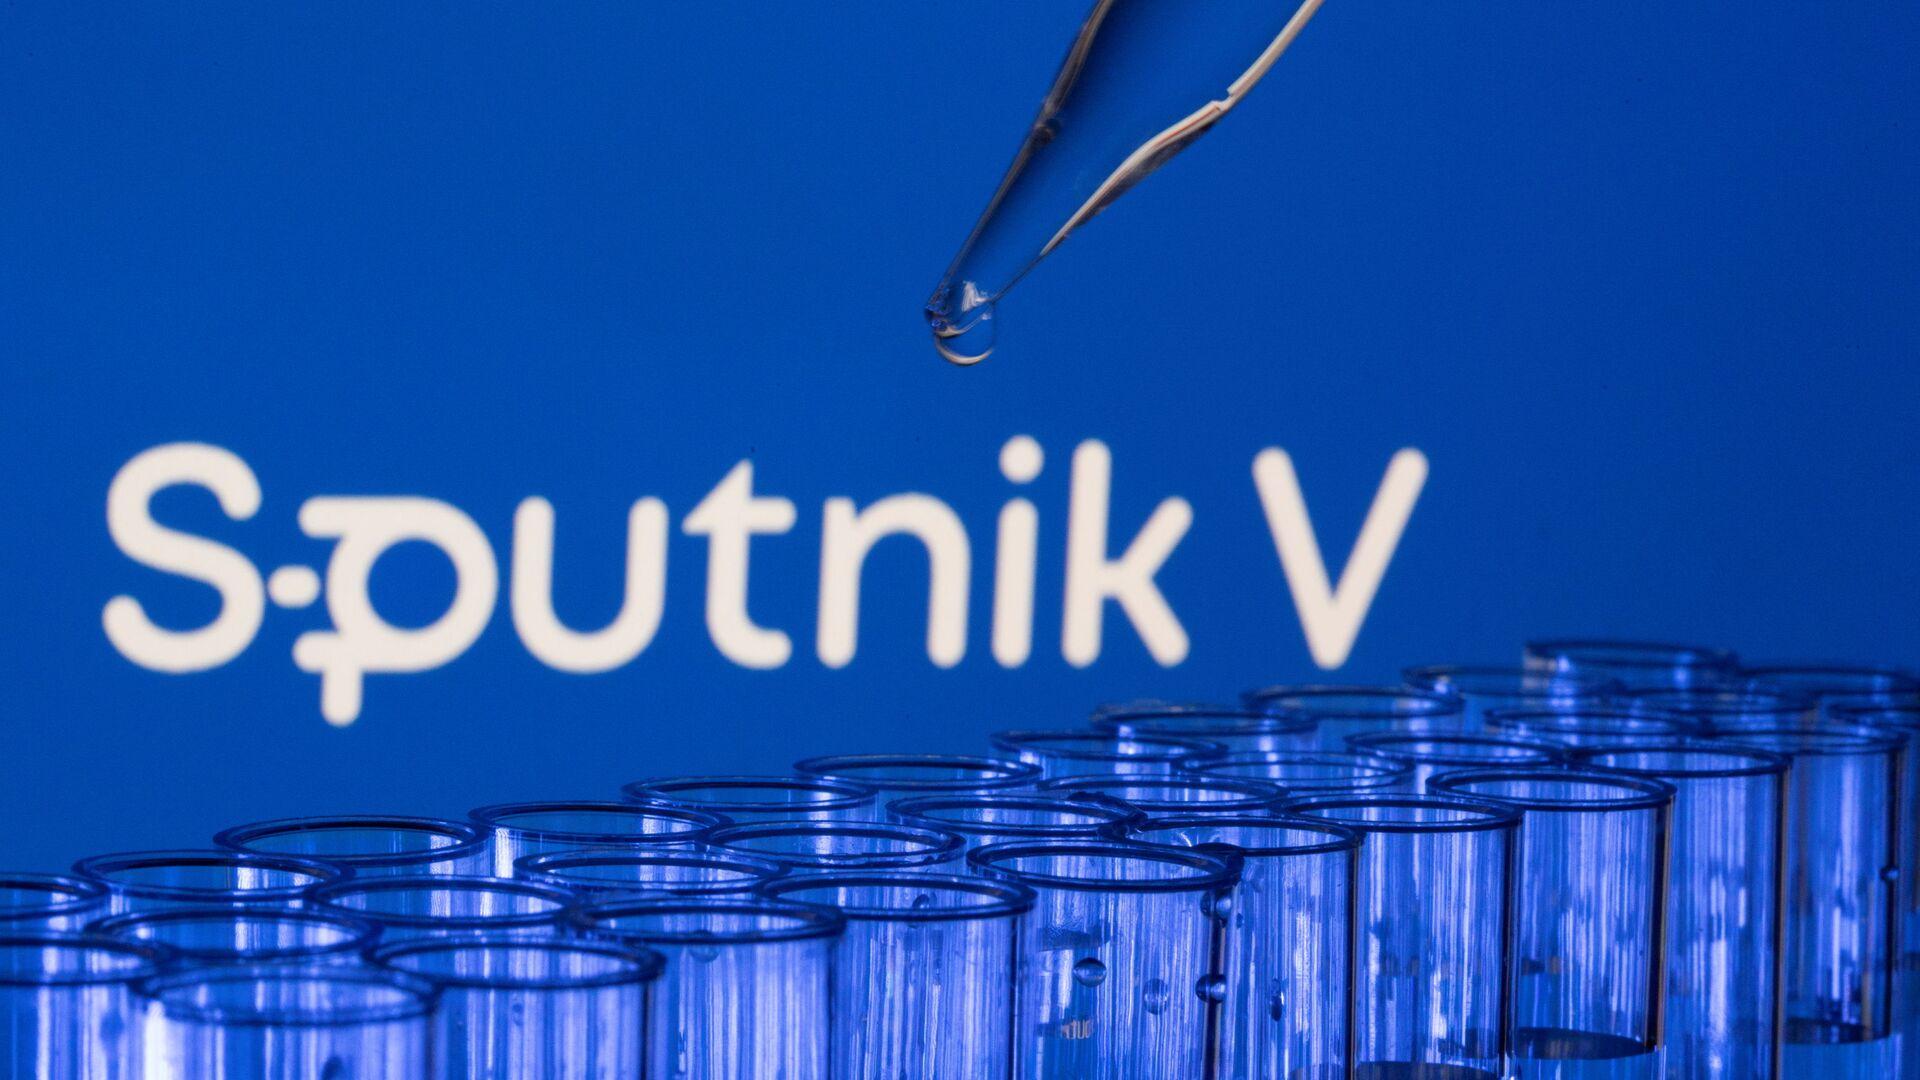 Các ống est được nhìn thấy phía trước logo Sputnik V được hiển thị trong hình minh họa này được chụp, ngày 21 tháng 5 năm 2021. - Sputnik Việt Nam, 1920, 28.08.2021